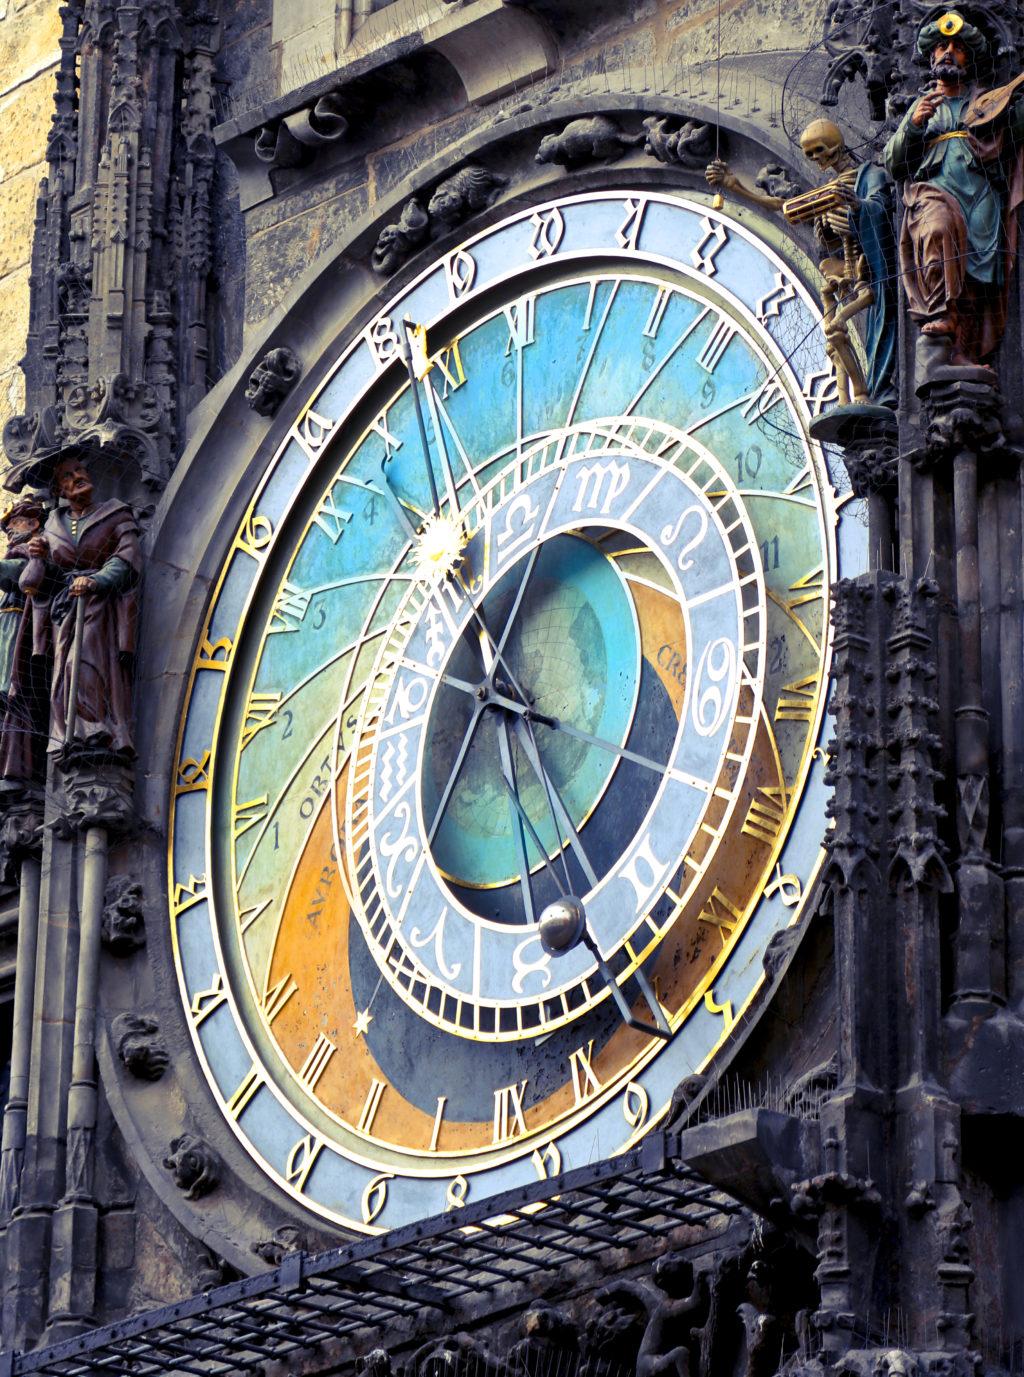 clock tower clock face